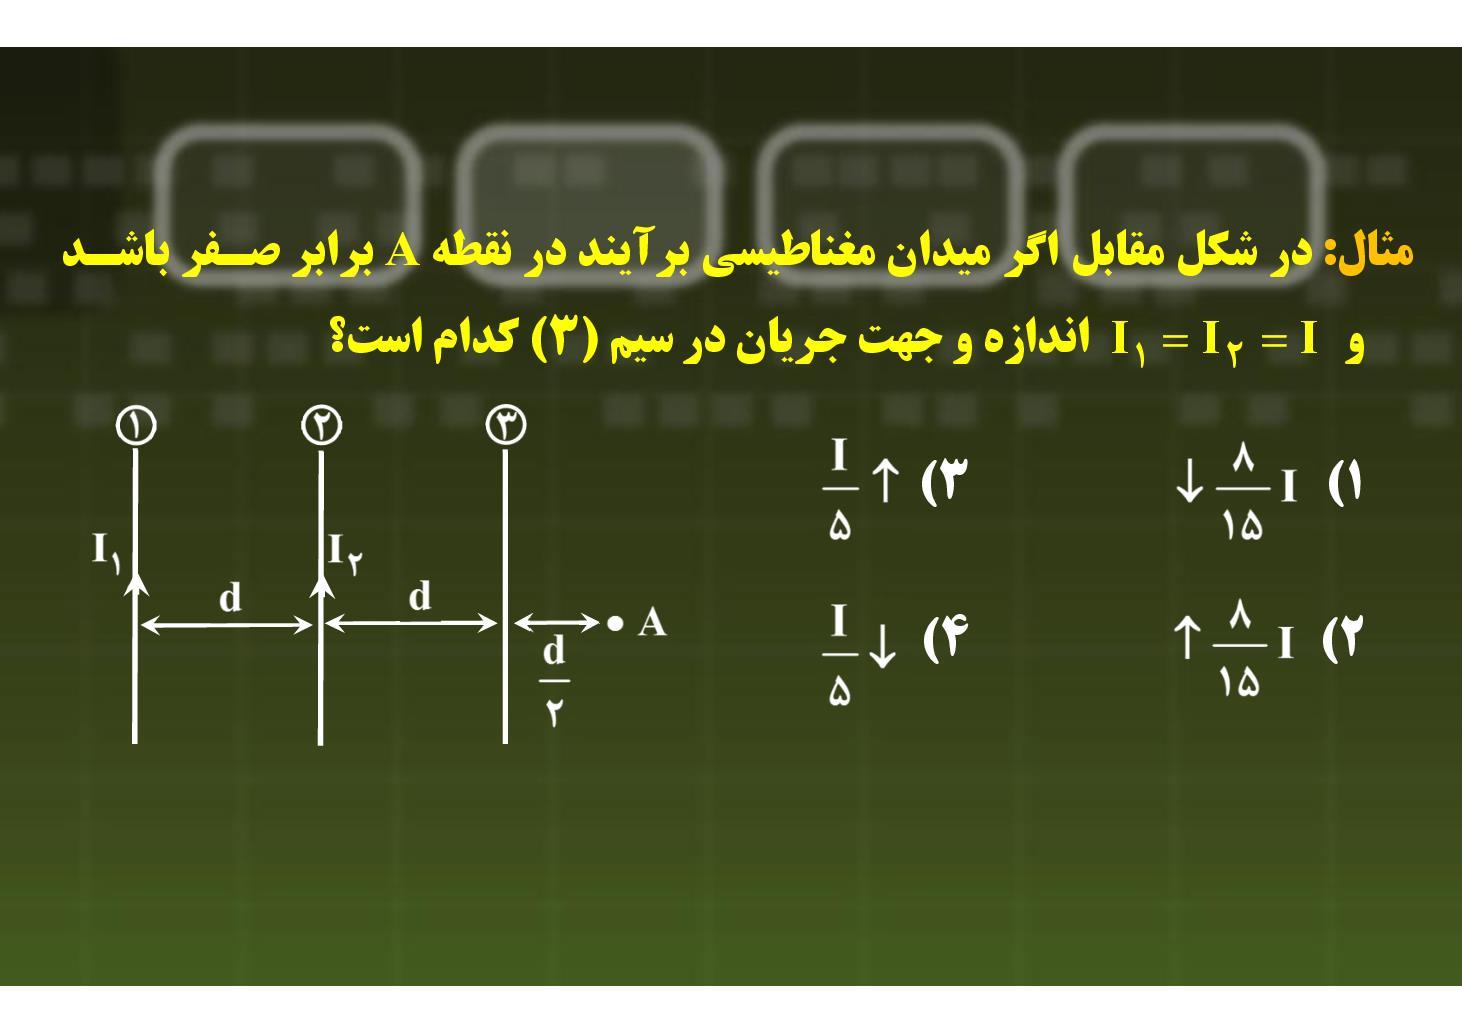 فیزیک ٣- فصل ٣ (فصل ۴ ریاضی)- نیروی بین بر سیمهای حامل جریان- بخش ٣ (PDF)